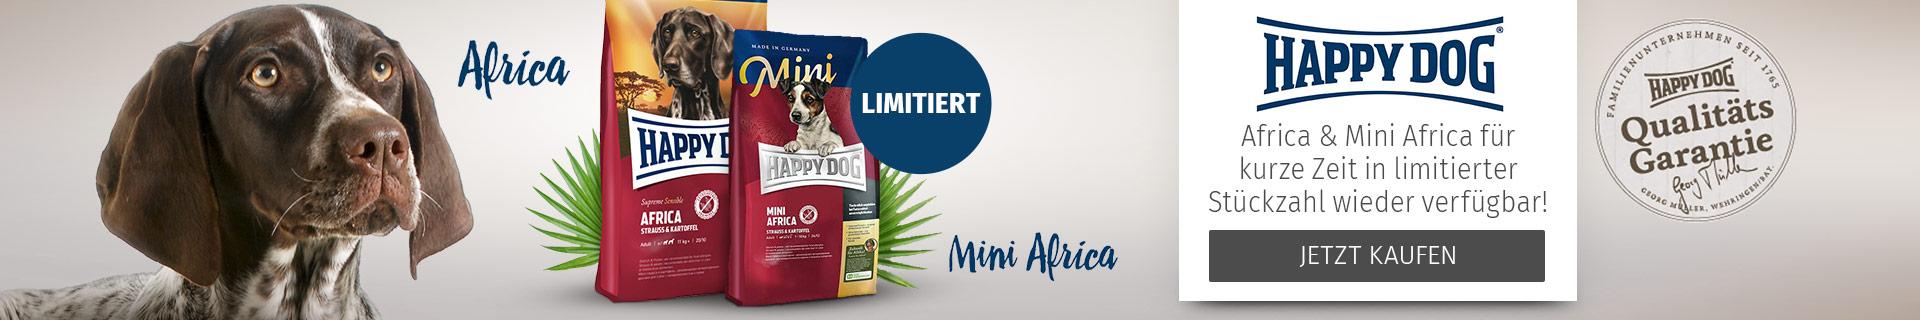 Happy Dog Trockenfutter Africa